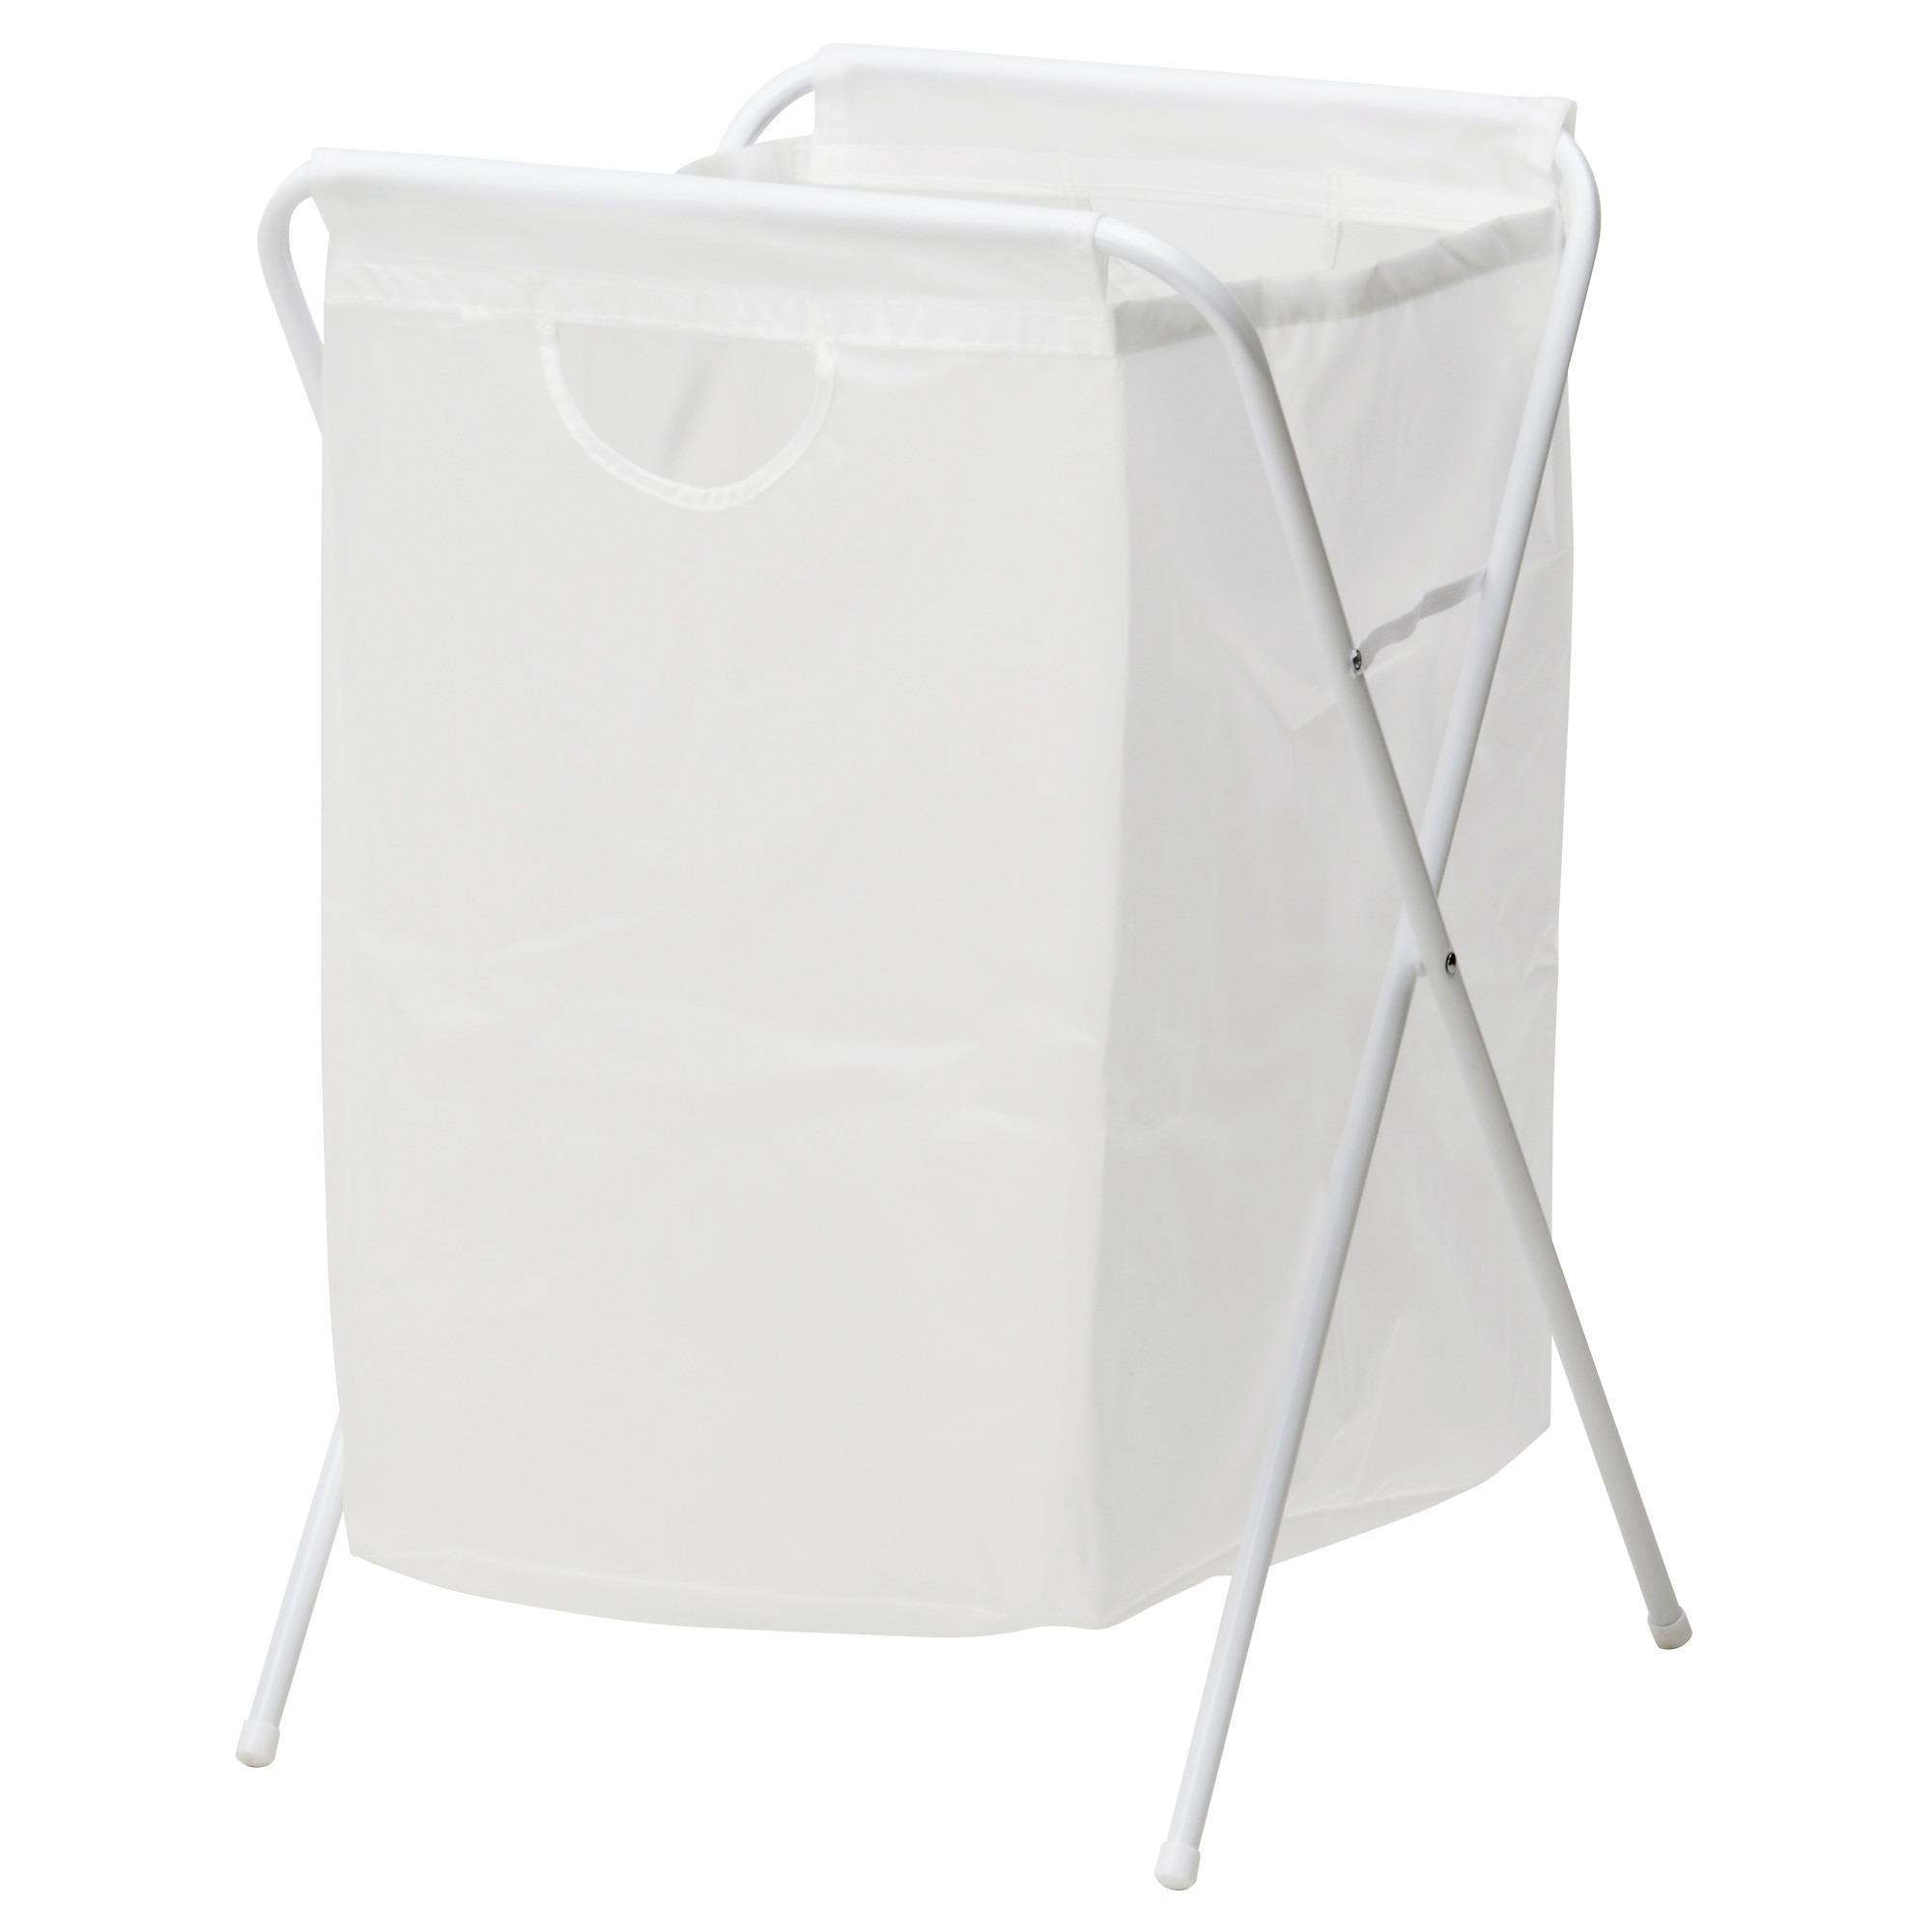 Keranjang Laundry Mainan Storage White Ikea Jall